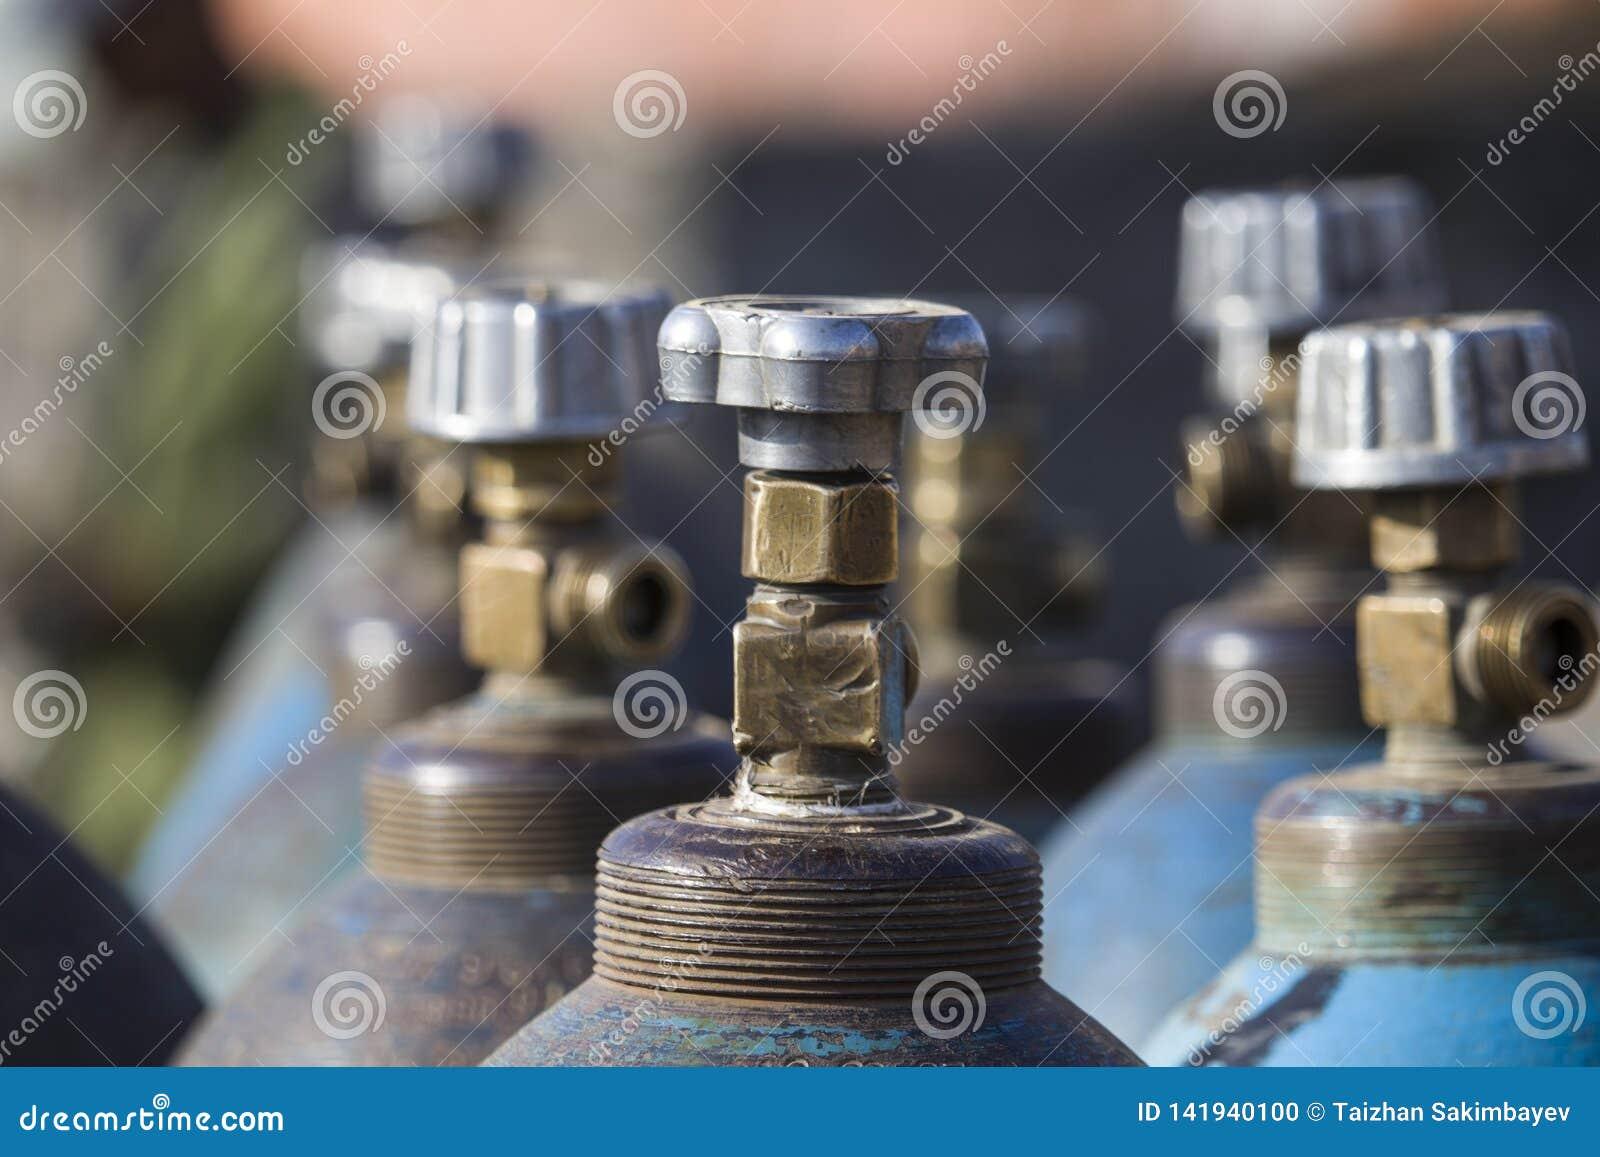 Υπόλοιπος κόσμος των υγροποιημένων εμπορευματοκιβωτίων αερίου οξυγόνου βιομηχανικών με τις βαλβίδες Κλείστε επάνω των βαλβίδων